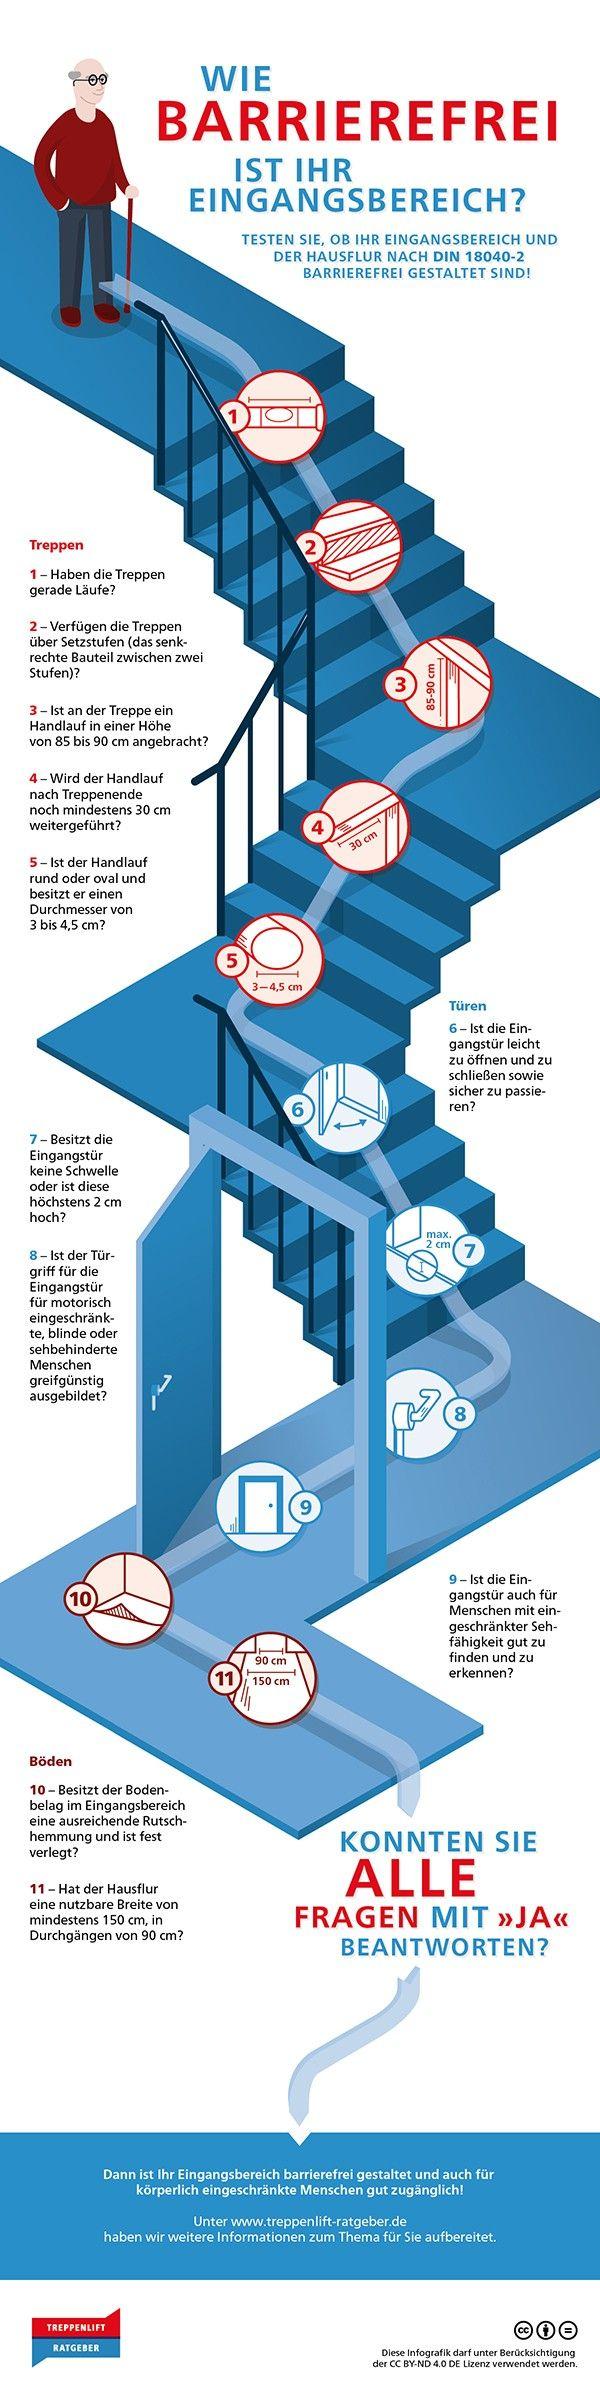 Infografik zur barrierefreien Gestaltung des Eingangsbereichs anhand von DIN 18040-2